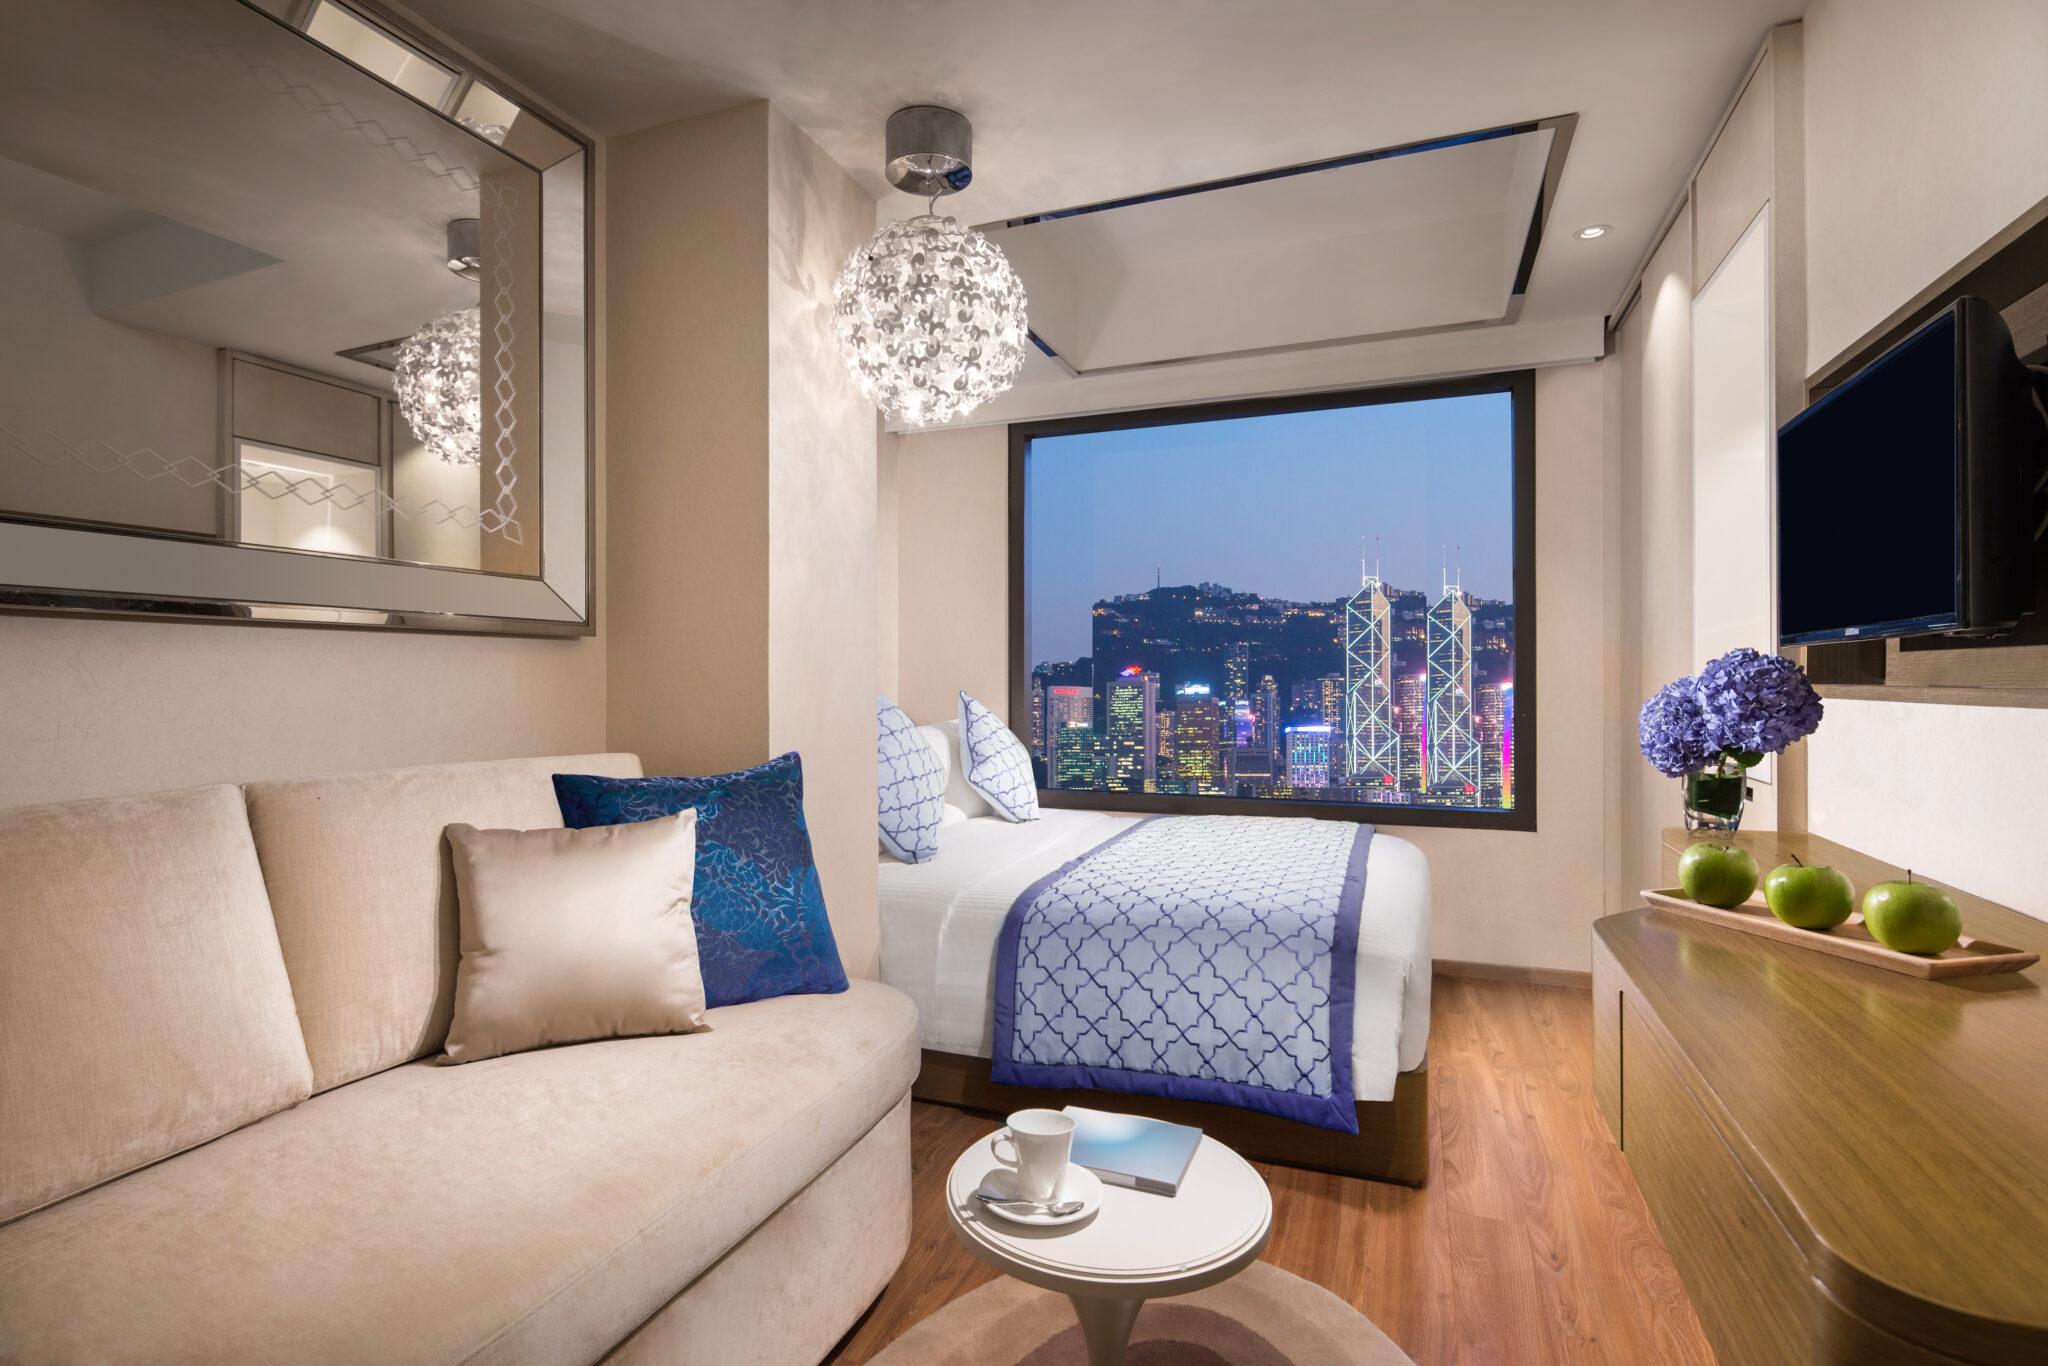 SR_China_Hong Kong_Hotel Pravo_Standard rm 1-HR